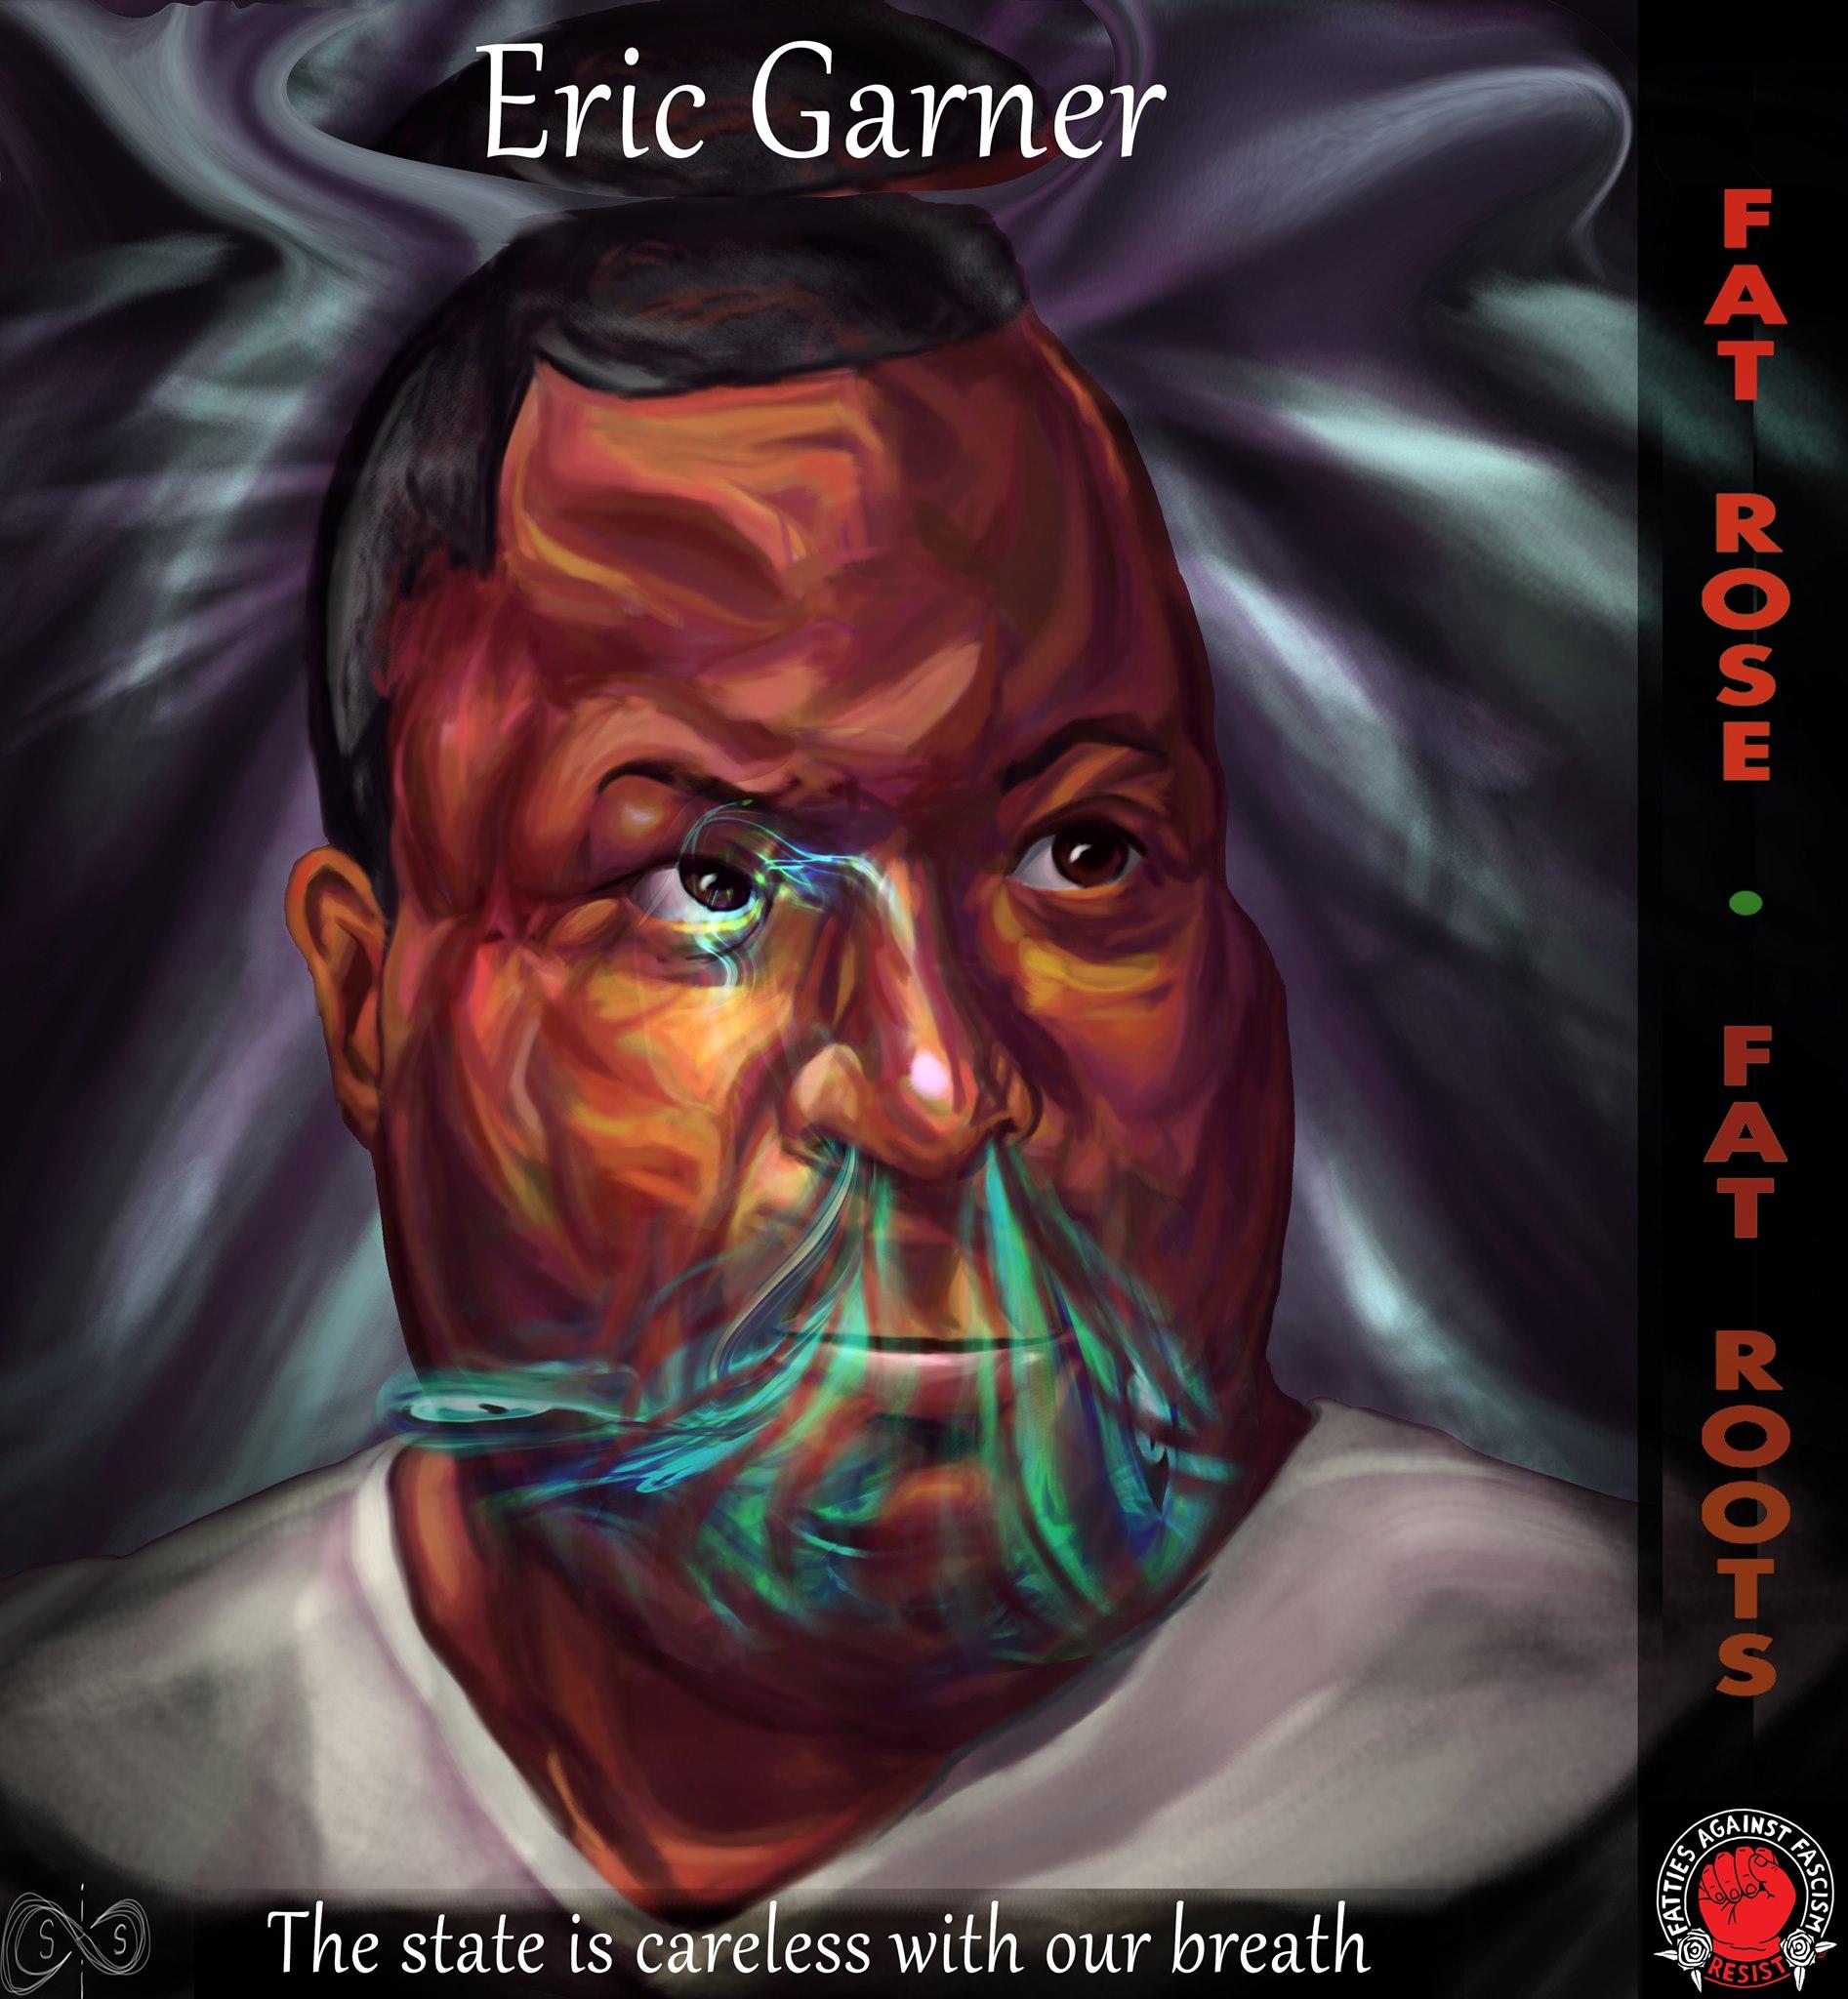 Fat Roots: Eric Garner